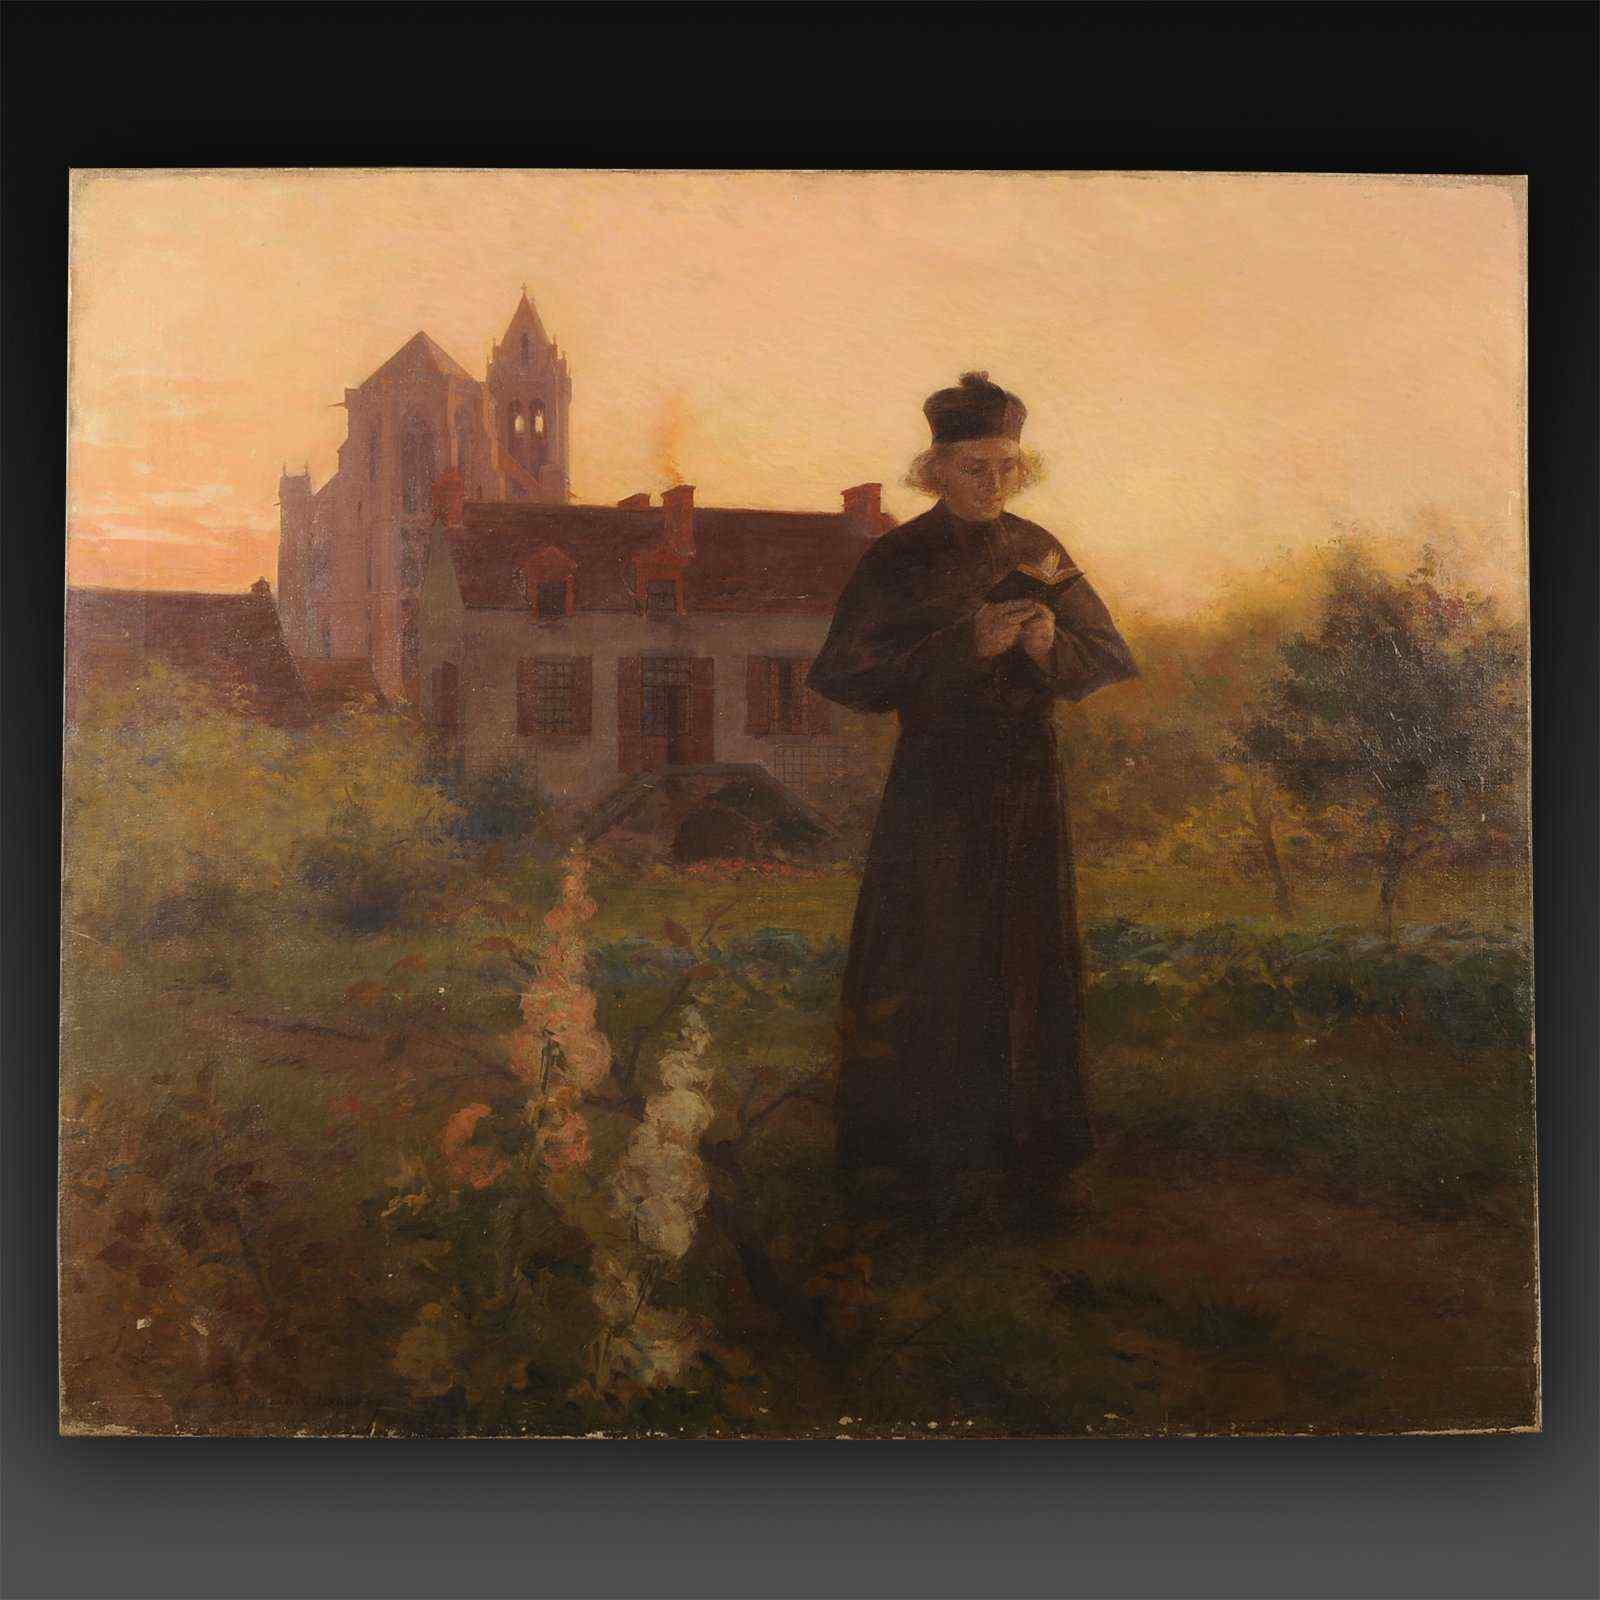 Президент Франции Коллекция, тот, кто выведывает возле своей церкви